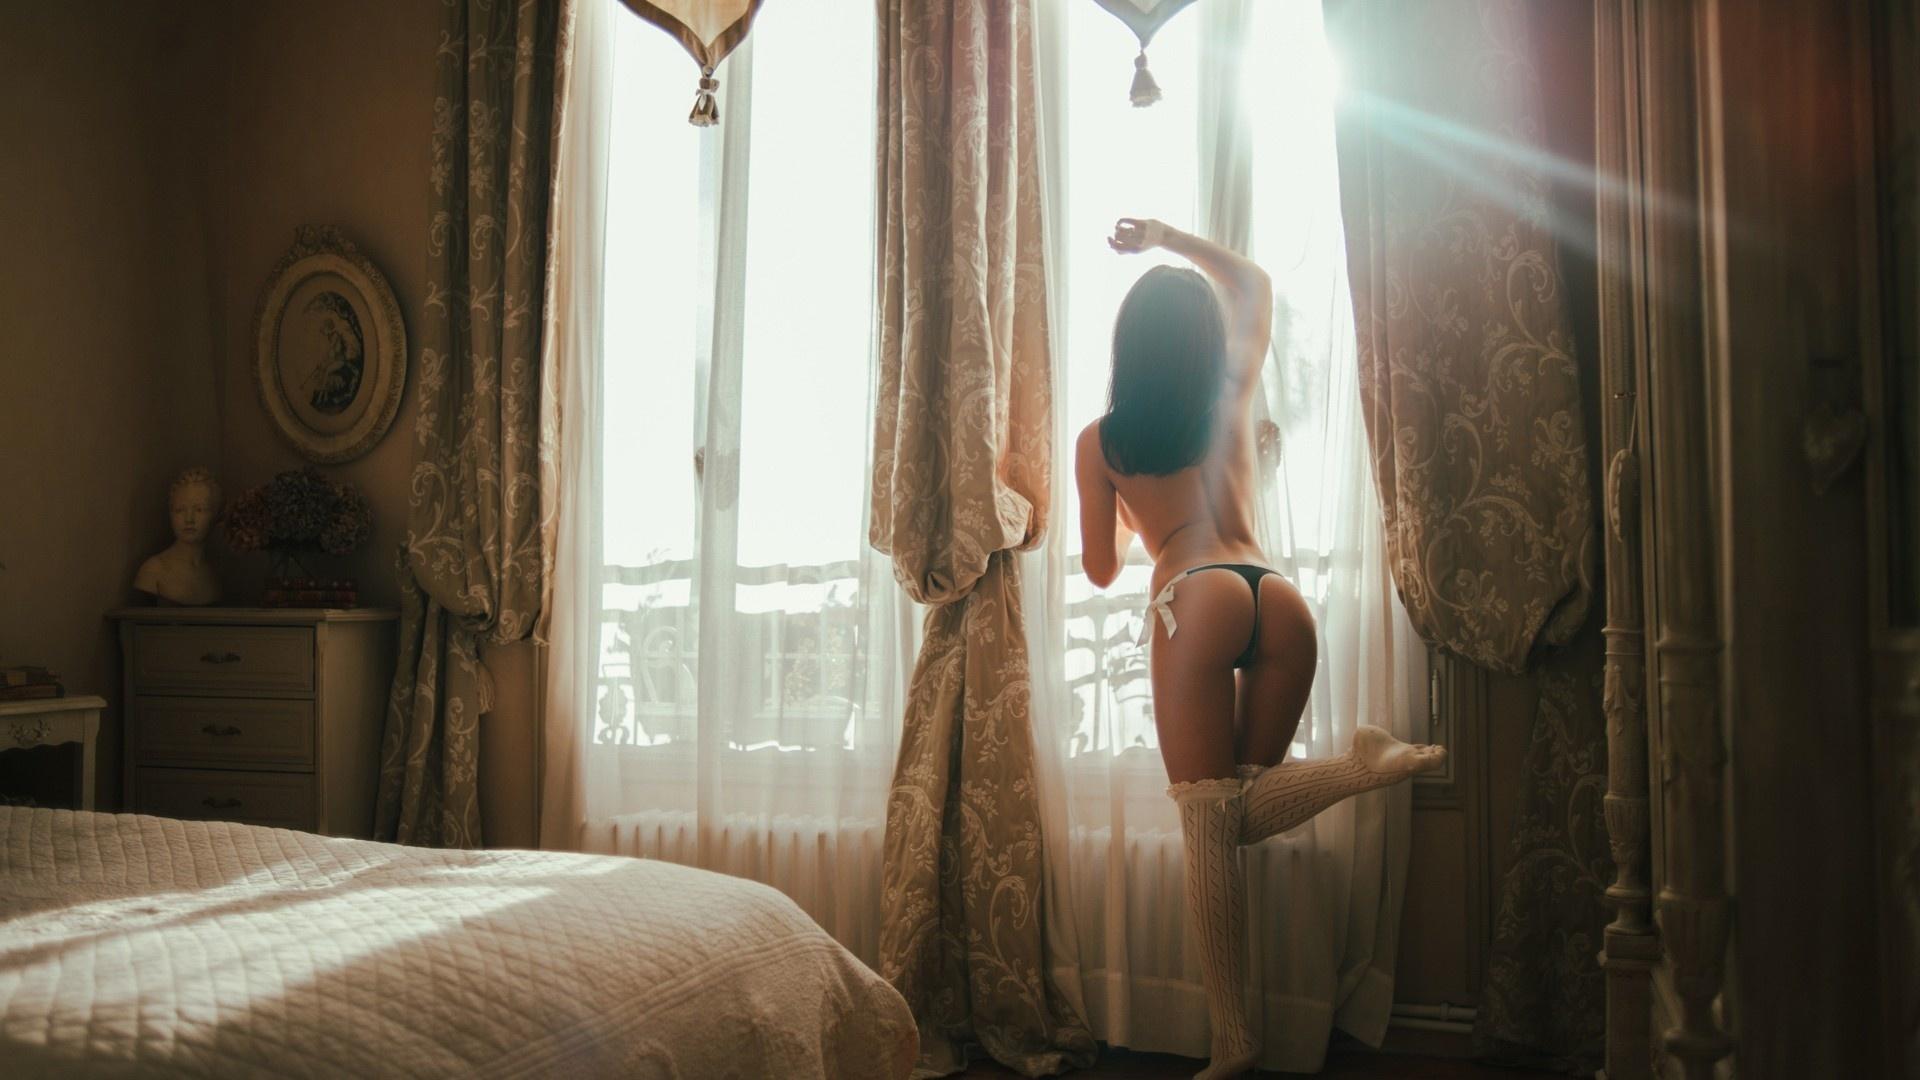 Бендеры трахаются фото девушка в номере раздевается голые девушки